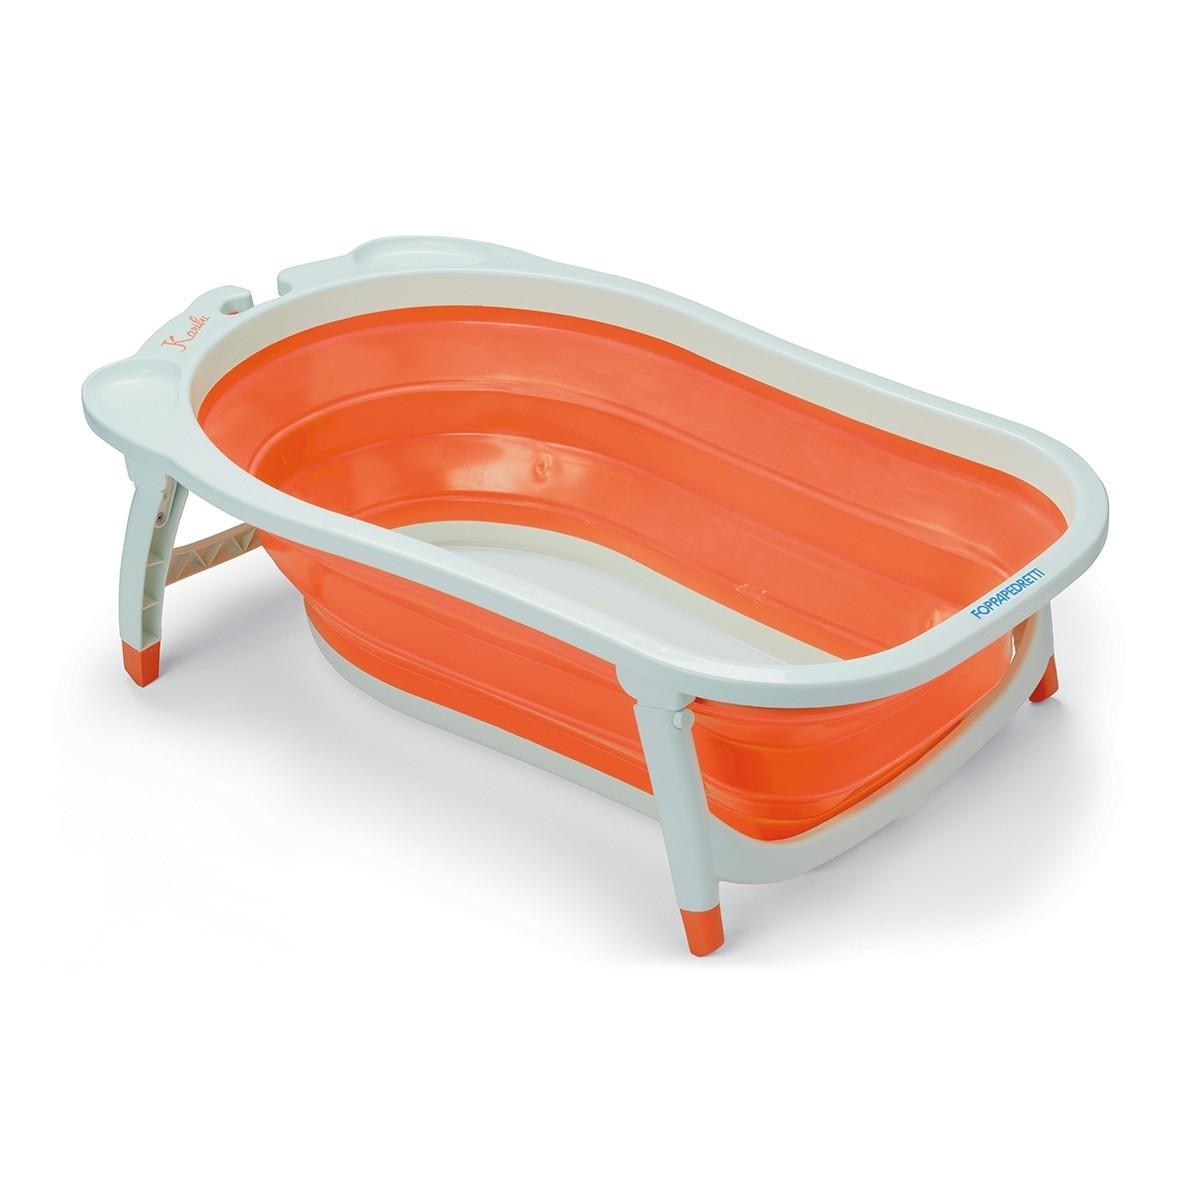 Foppapedretti biegsame Baby Badewanne Soffietto Orange